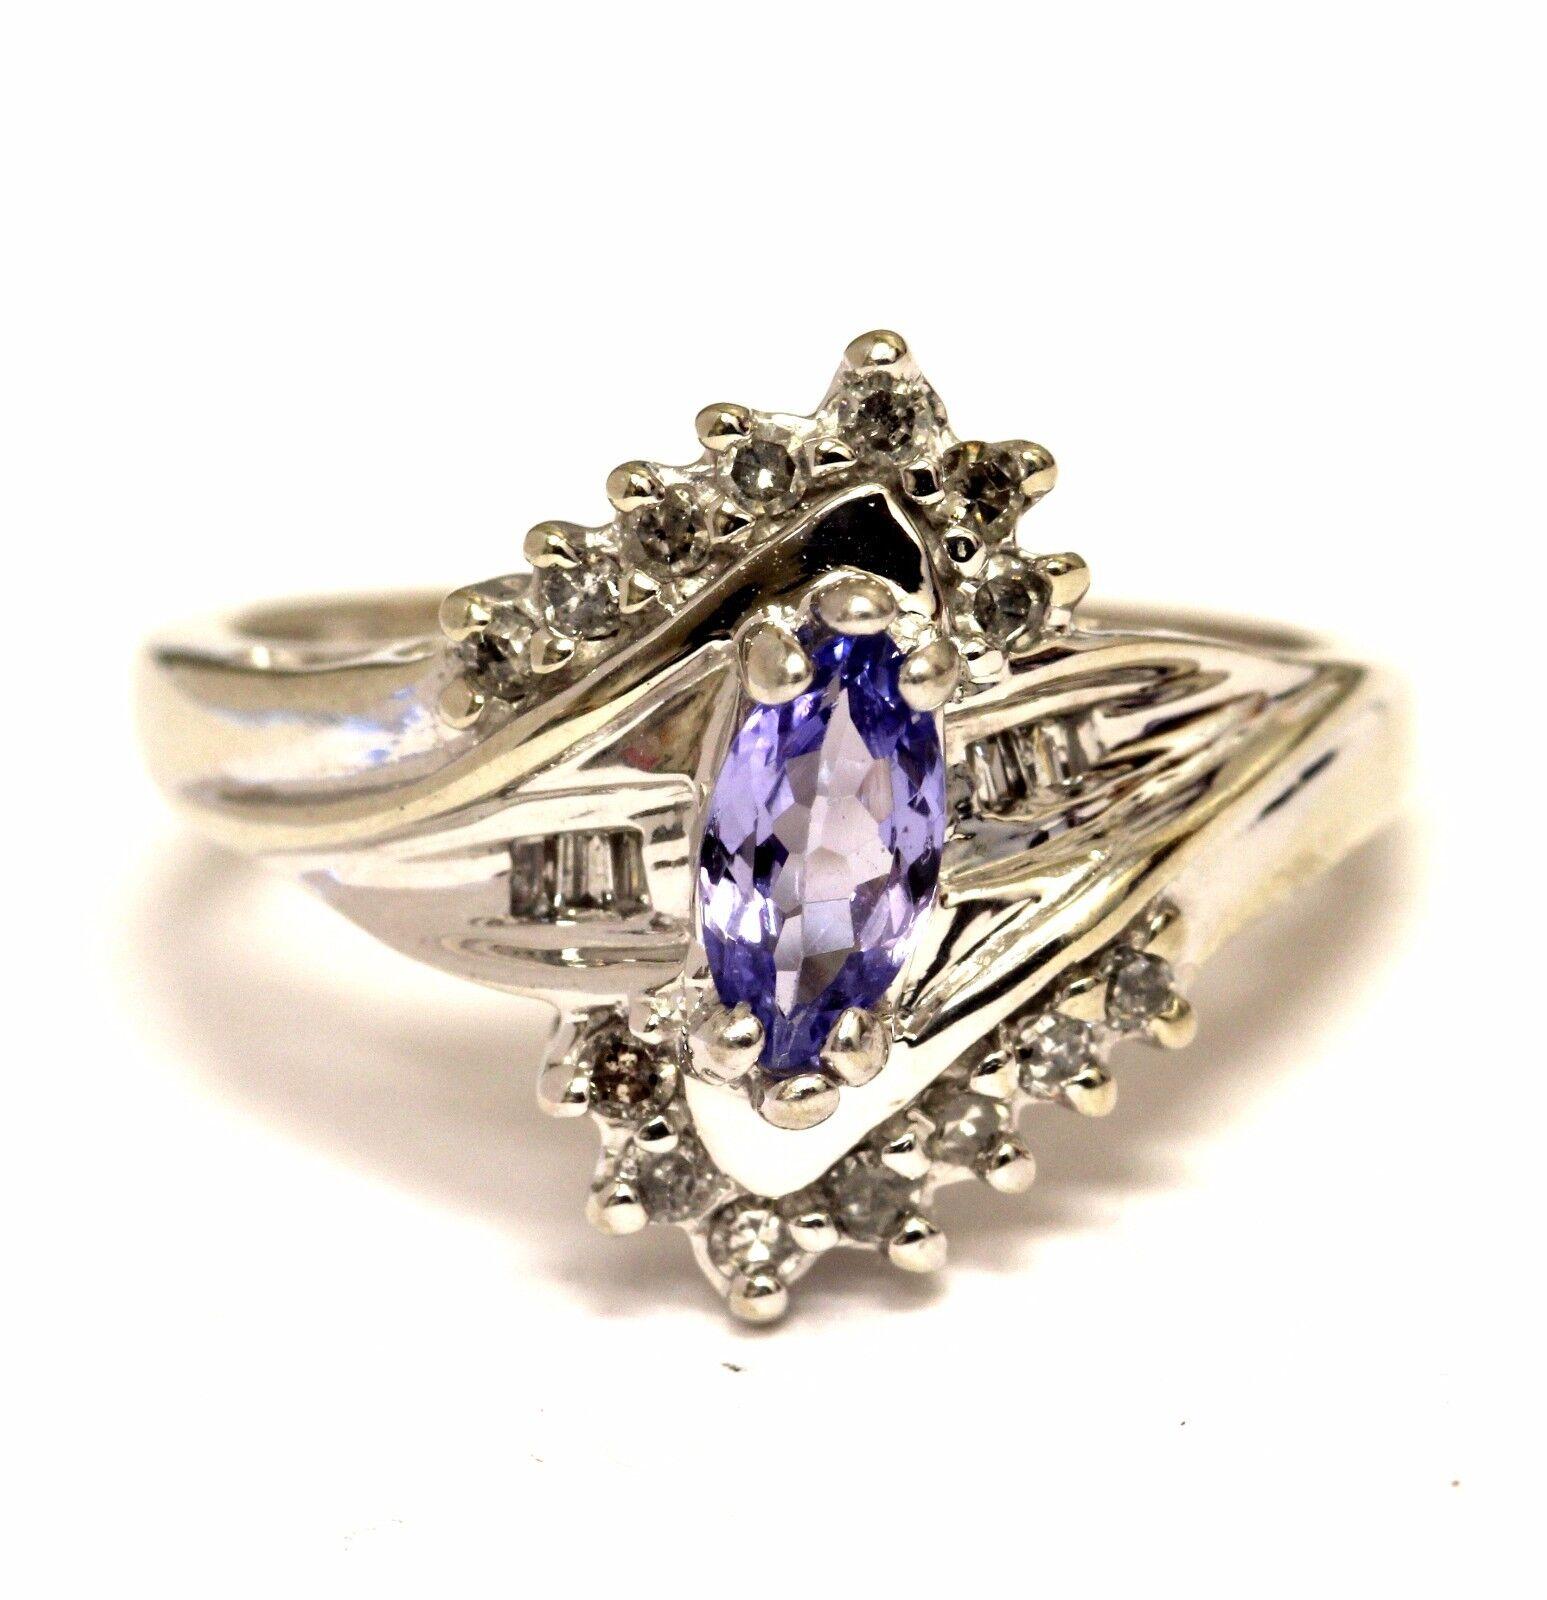 10k white gold .20ct SI1 H diamond women's tanzanite ring 3.8g ladies estate